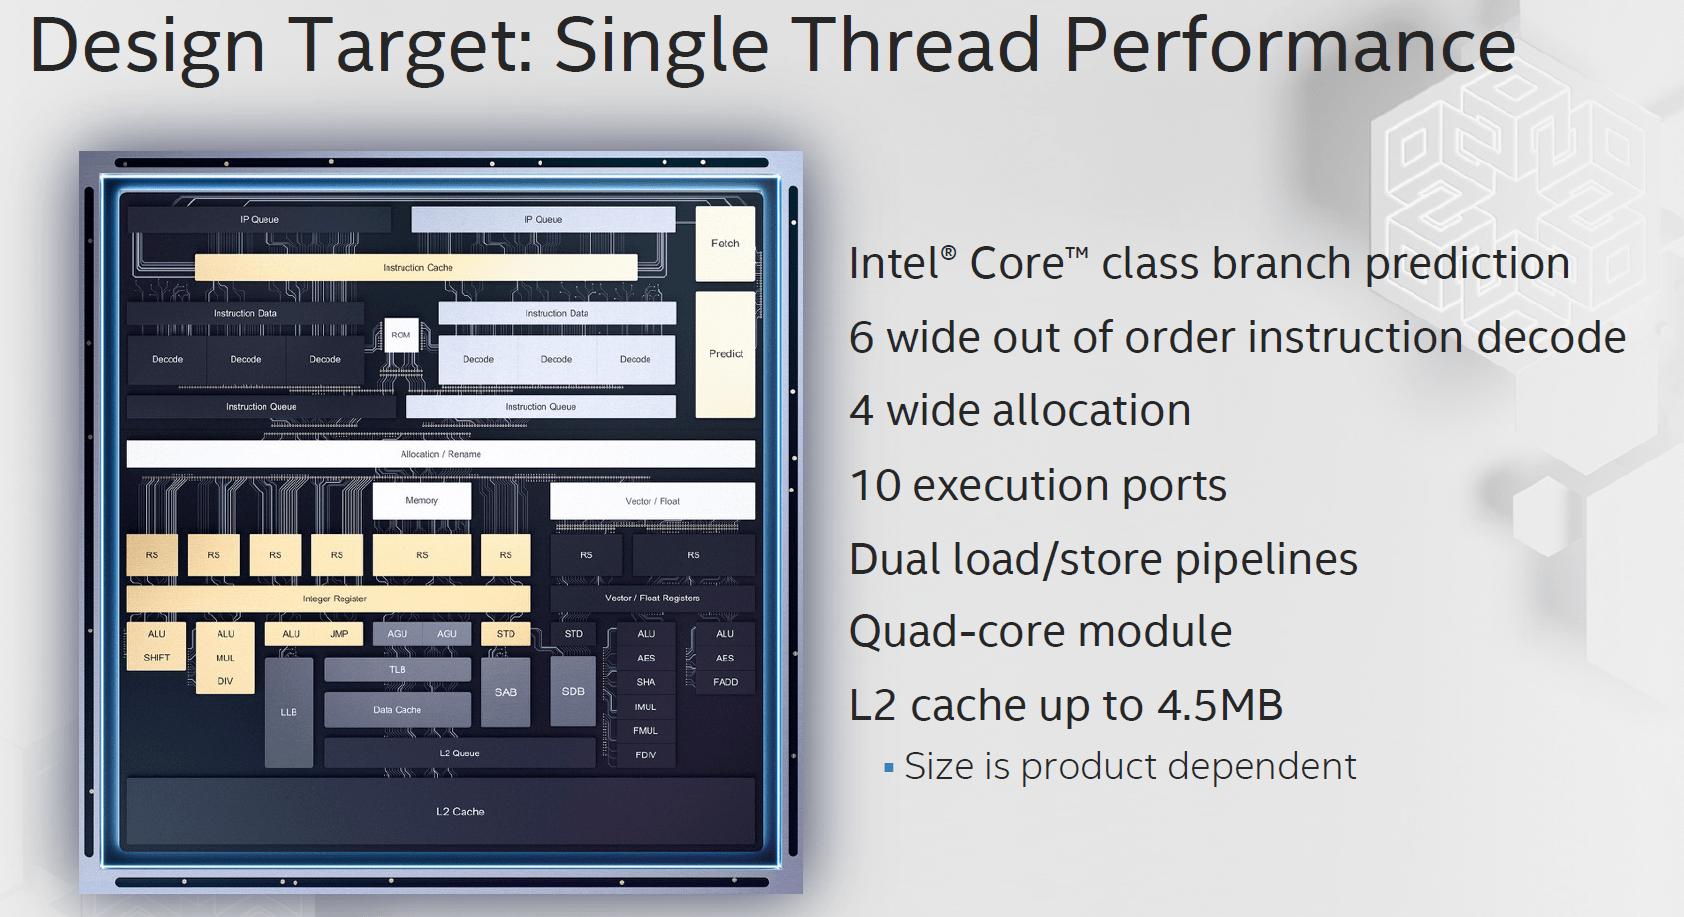 Tremont mit Fokus auf Single-Thread-Leistung